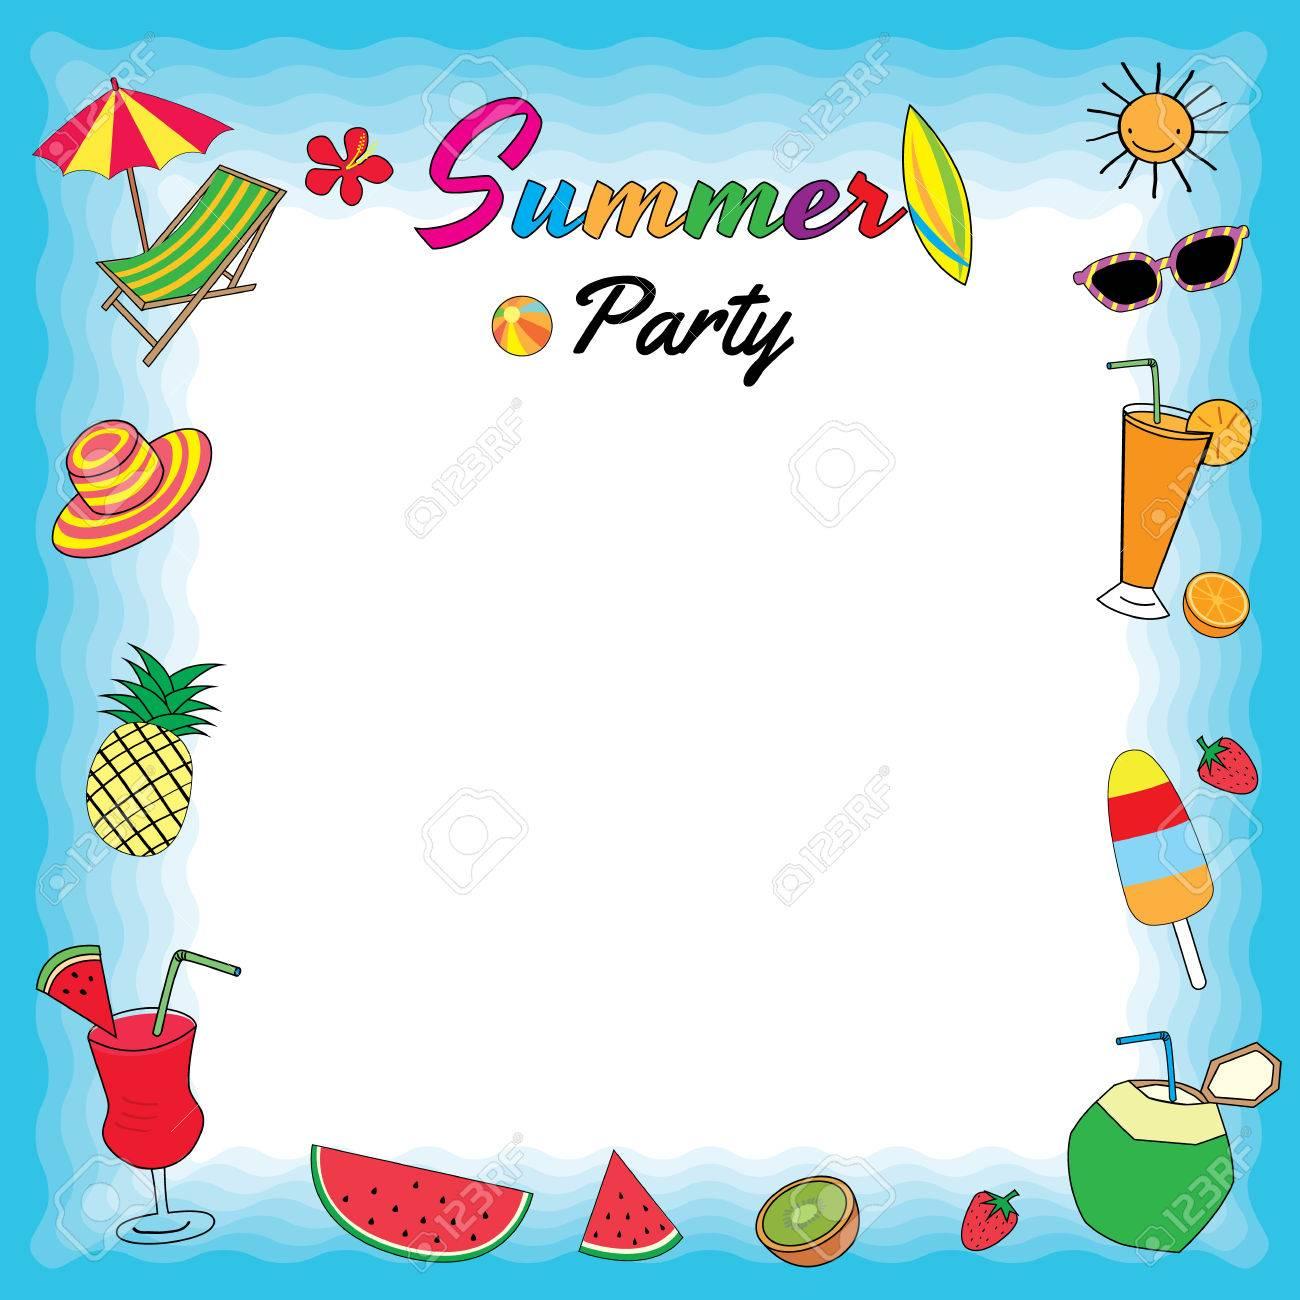 Banque d\u0027images , Dessin vectoriel d\u0027illustration des fruits d\u0027été de  symbole, dessert, smoothie et accessoire de plage pour le modèle.